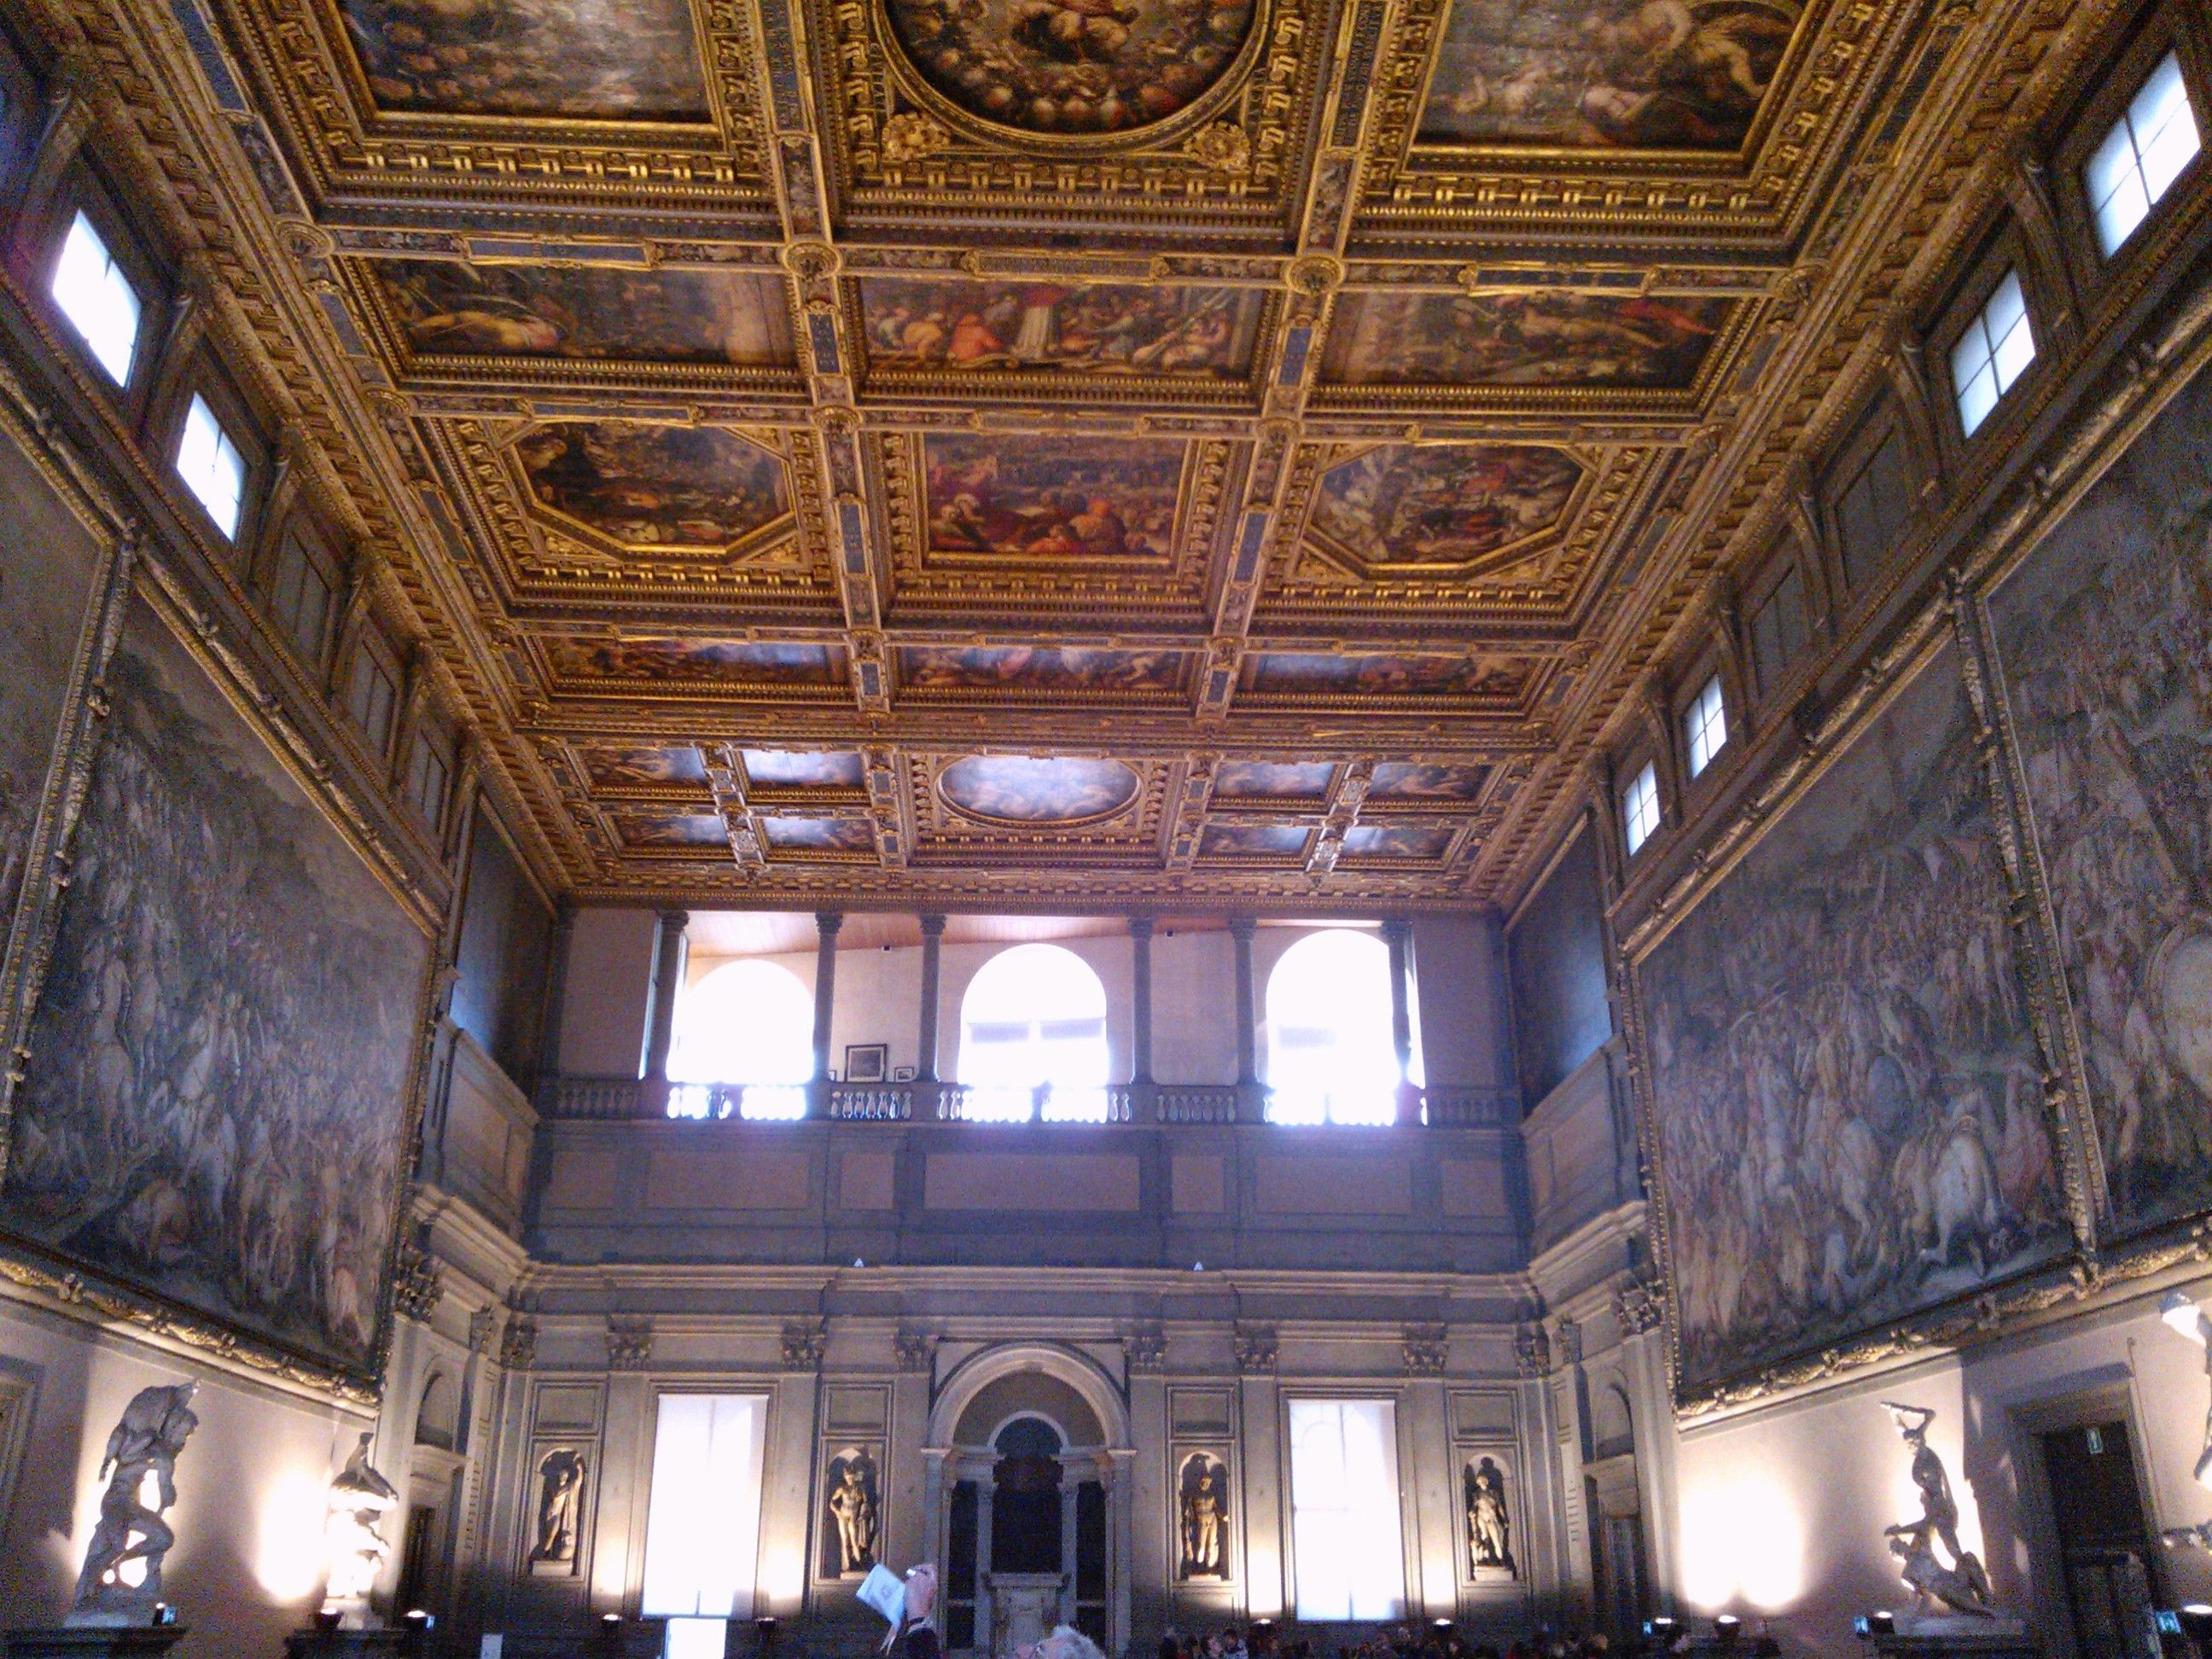 Palazzo Vecchio Sala Dei 500.Sala Dei 500 Palazzo Vecchio Firenze Italy Beautiful